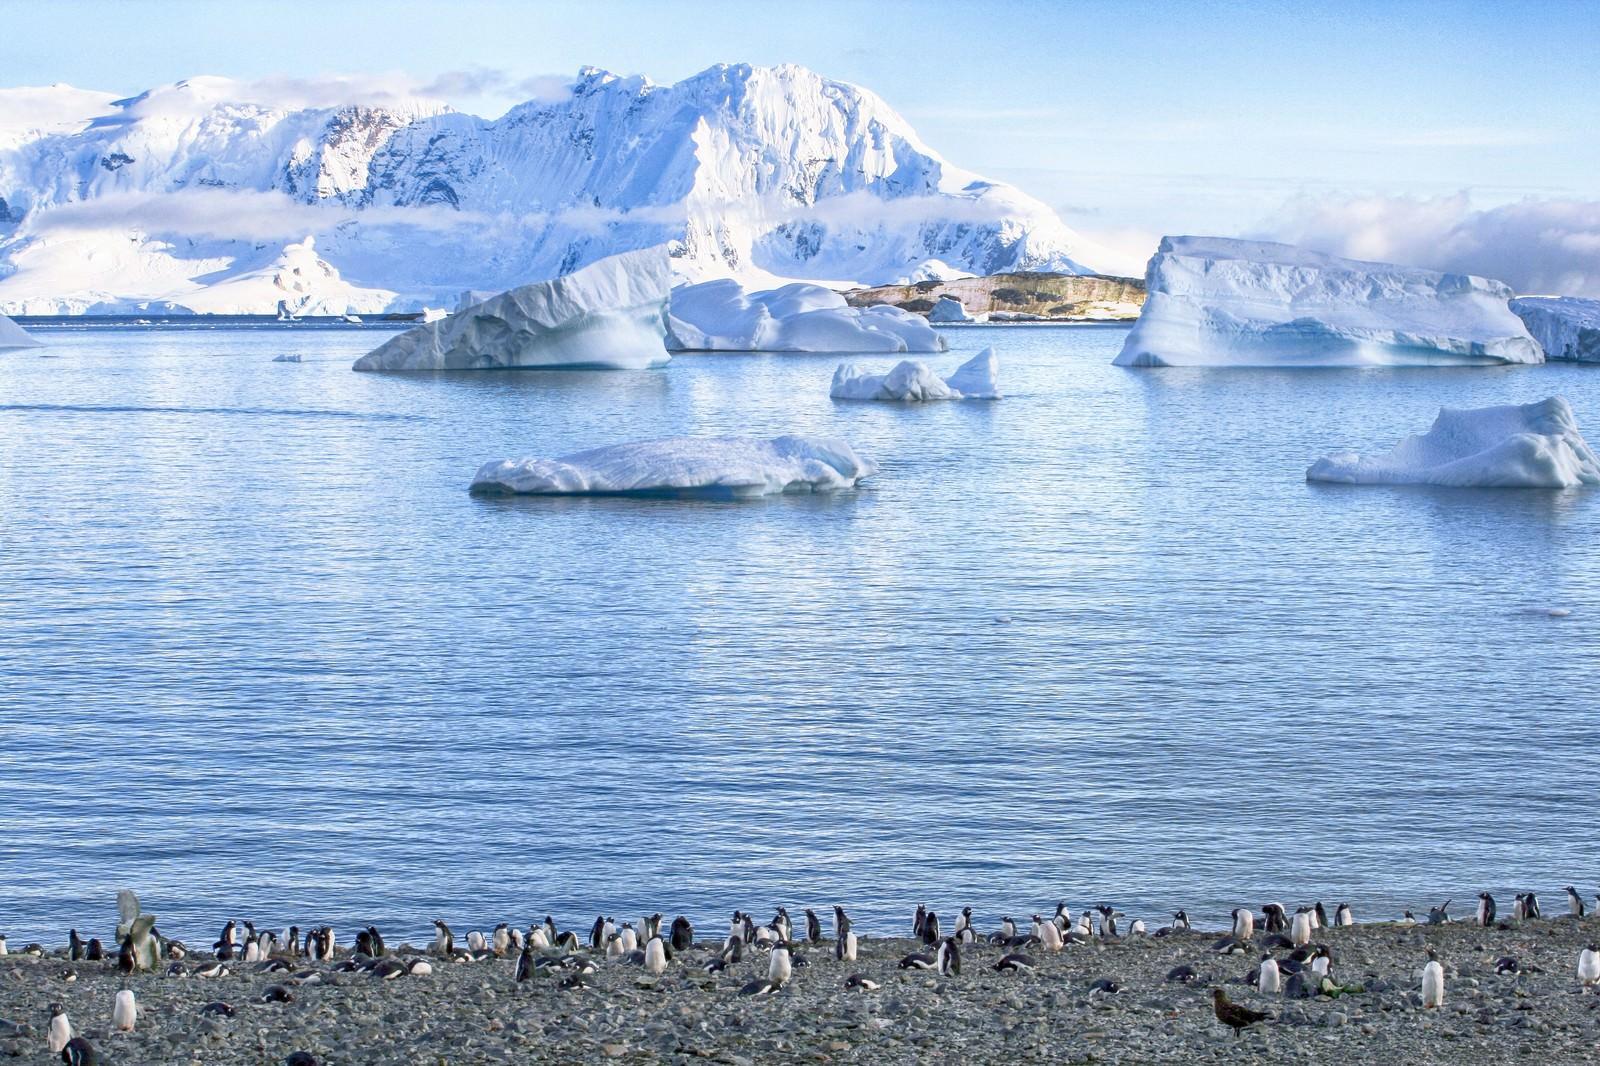 「クーパービル島からのペンギンの群れ | 写真の無料素材・フリー素材 - ぱくたそ」の写真